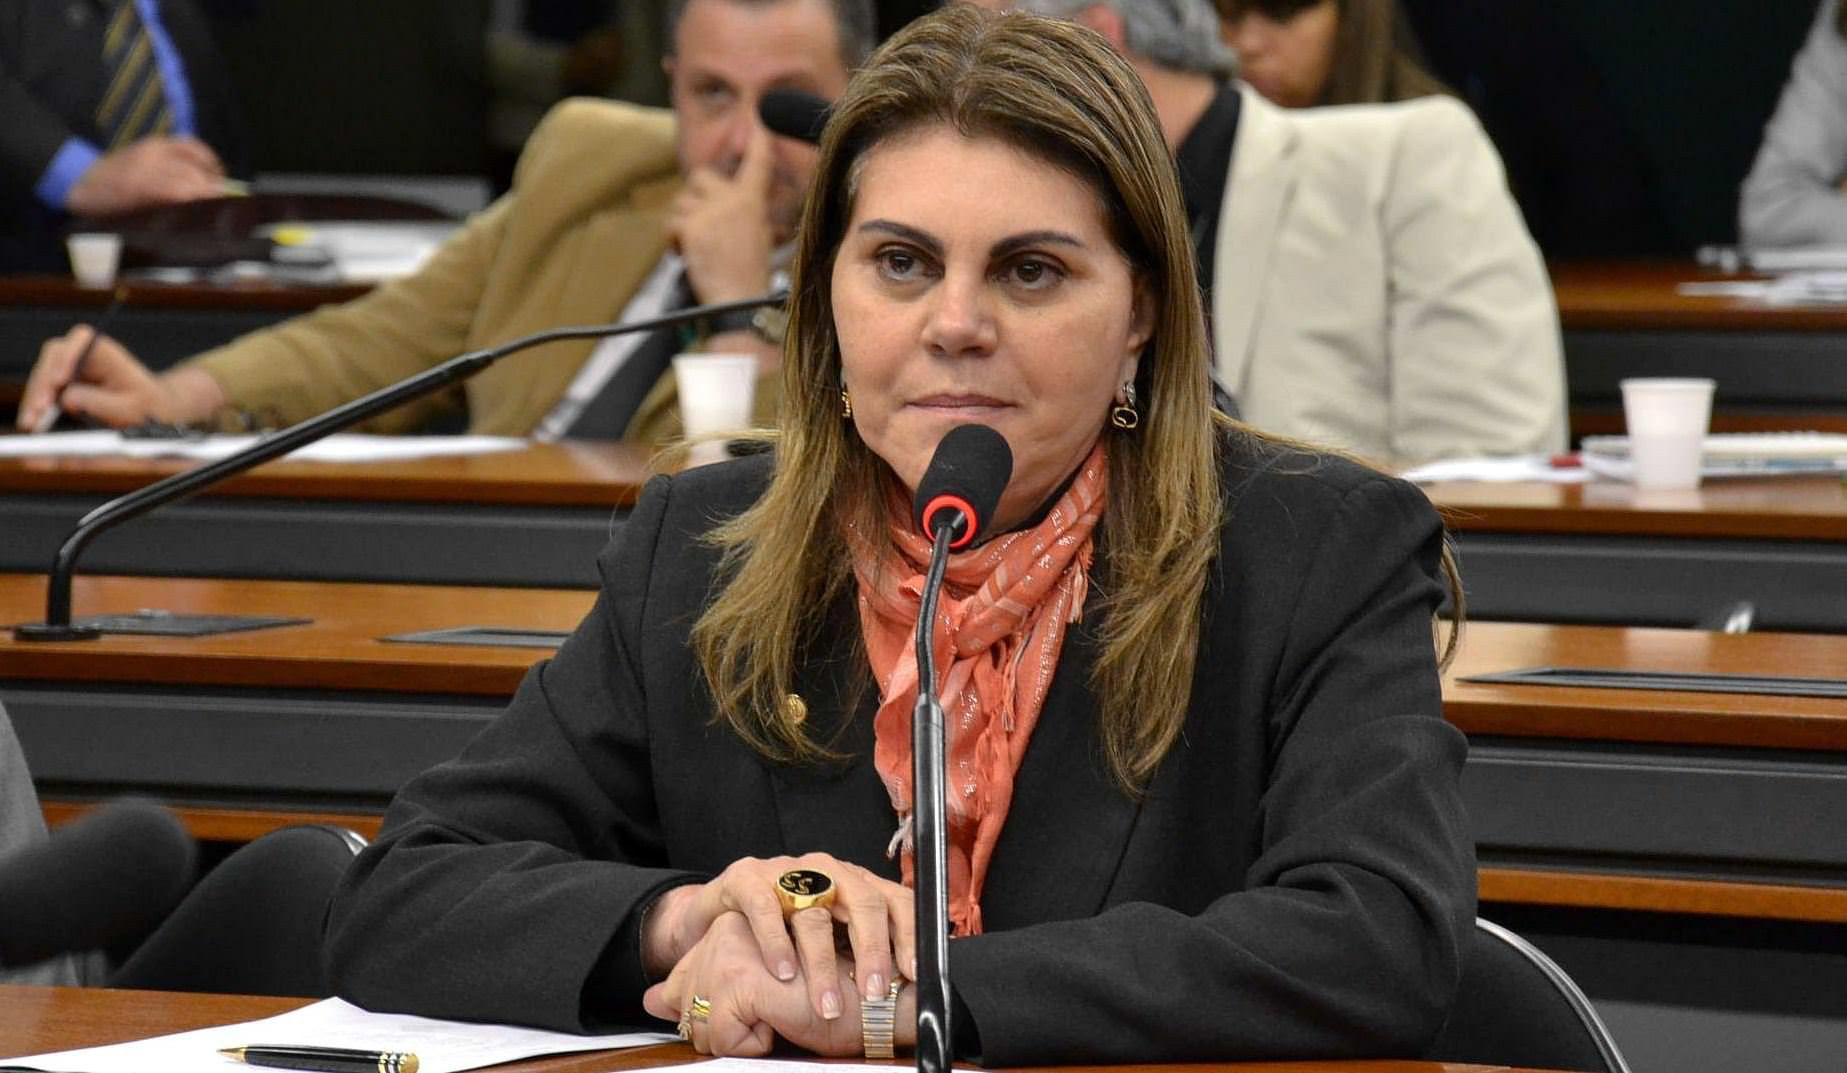 Suely abriu mão de concorrer à Câmara Federal em favor do marido Sérgio Vidigal e ficará com a Assistência Social na gestão Hartung. Foto: Divulgação / PDT